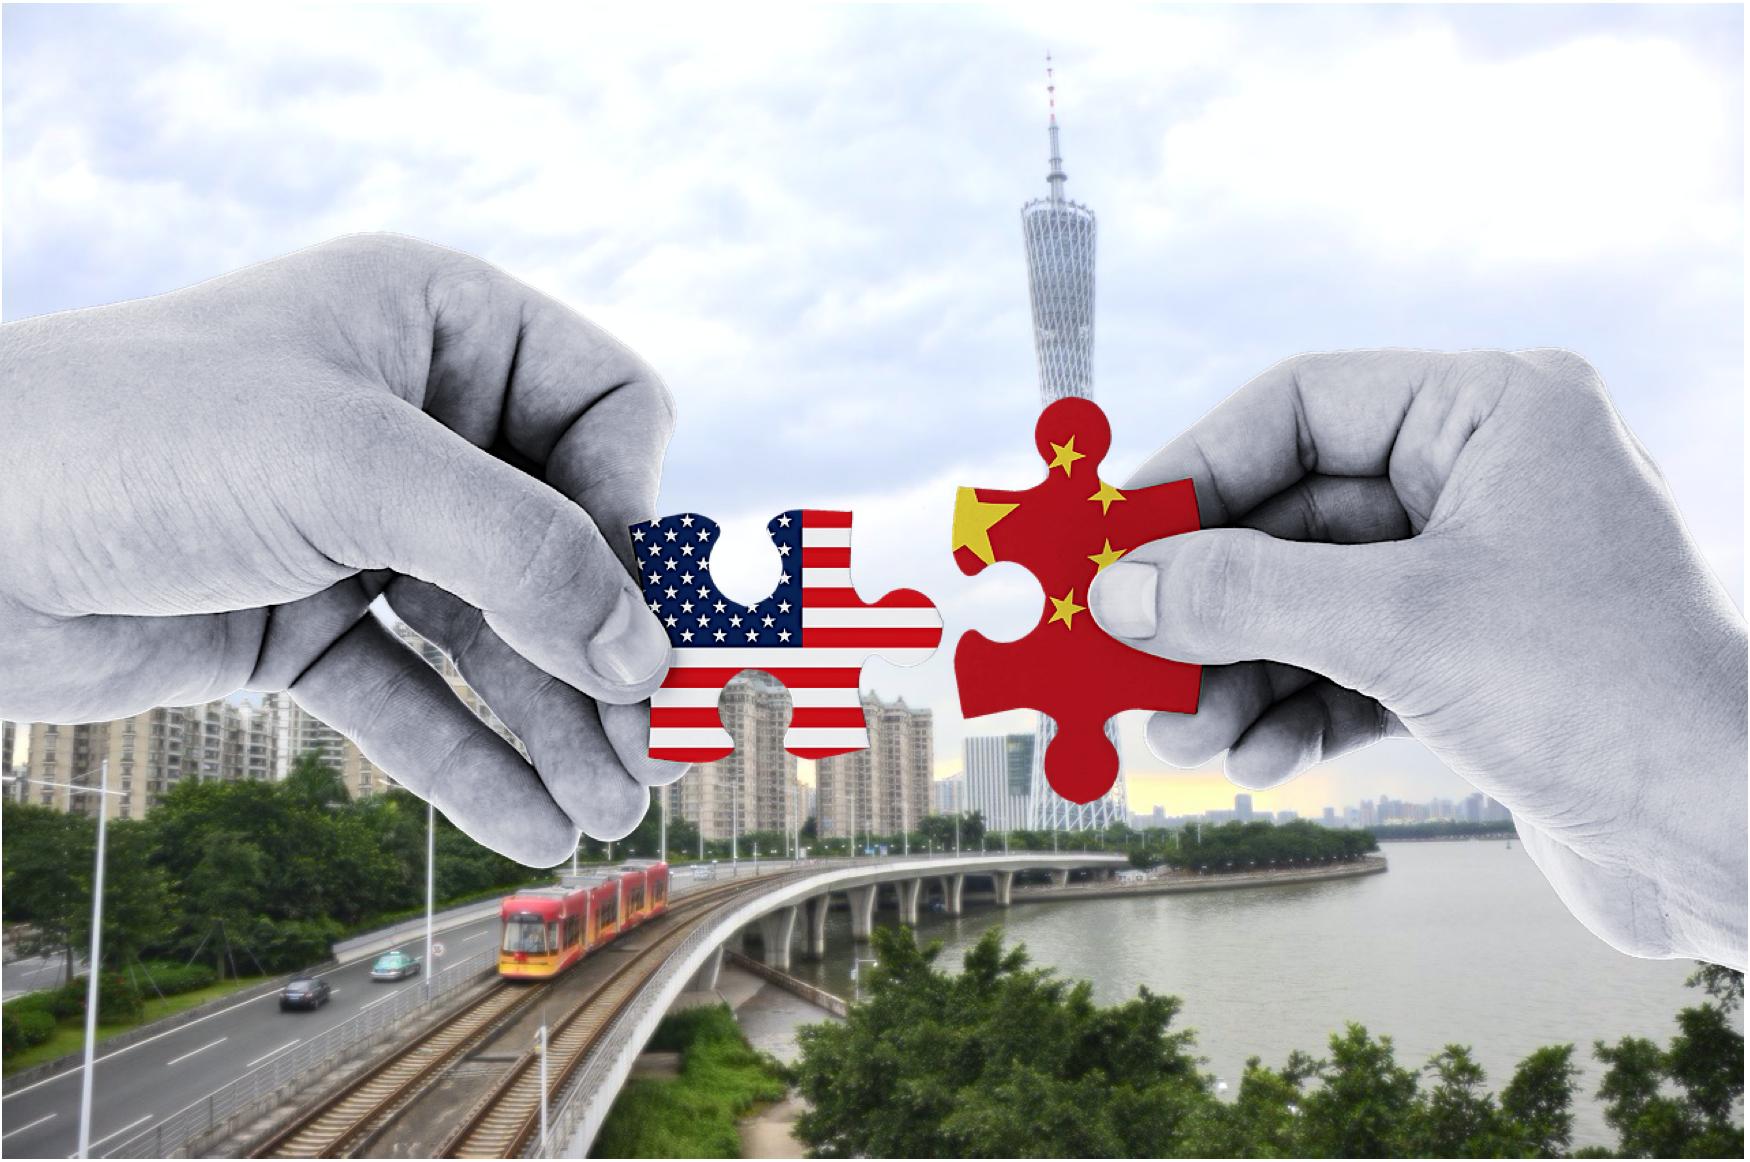 Цзюнь Юэпрочитал лекцию опубличной дипломатии США вКитае